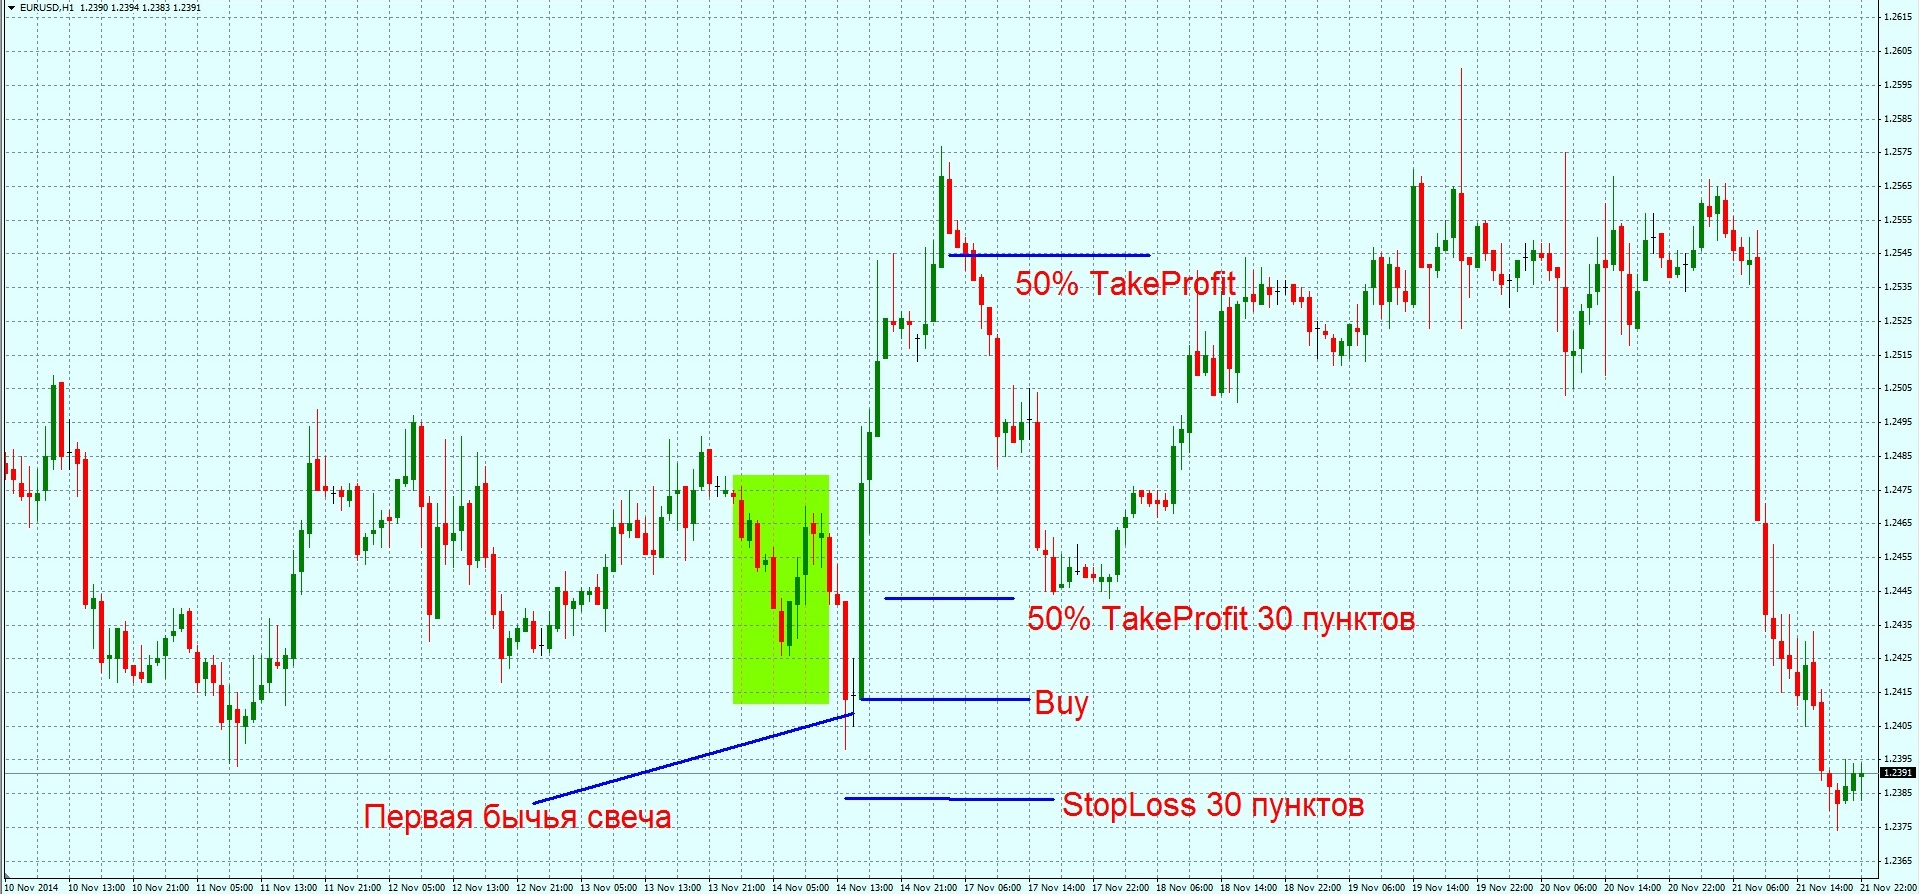 Стратегии форекс с маленьким депозитом forex chart pattern alert